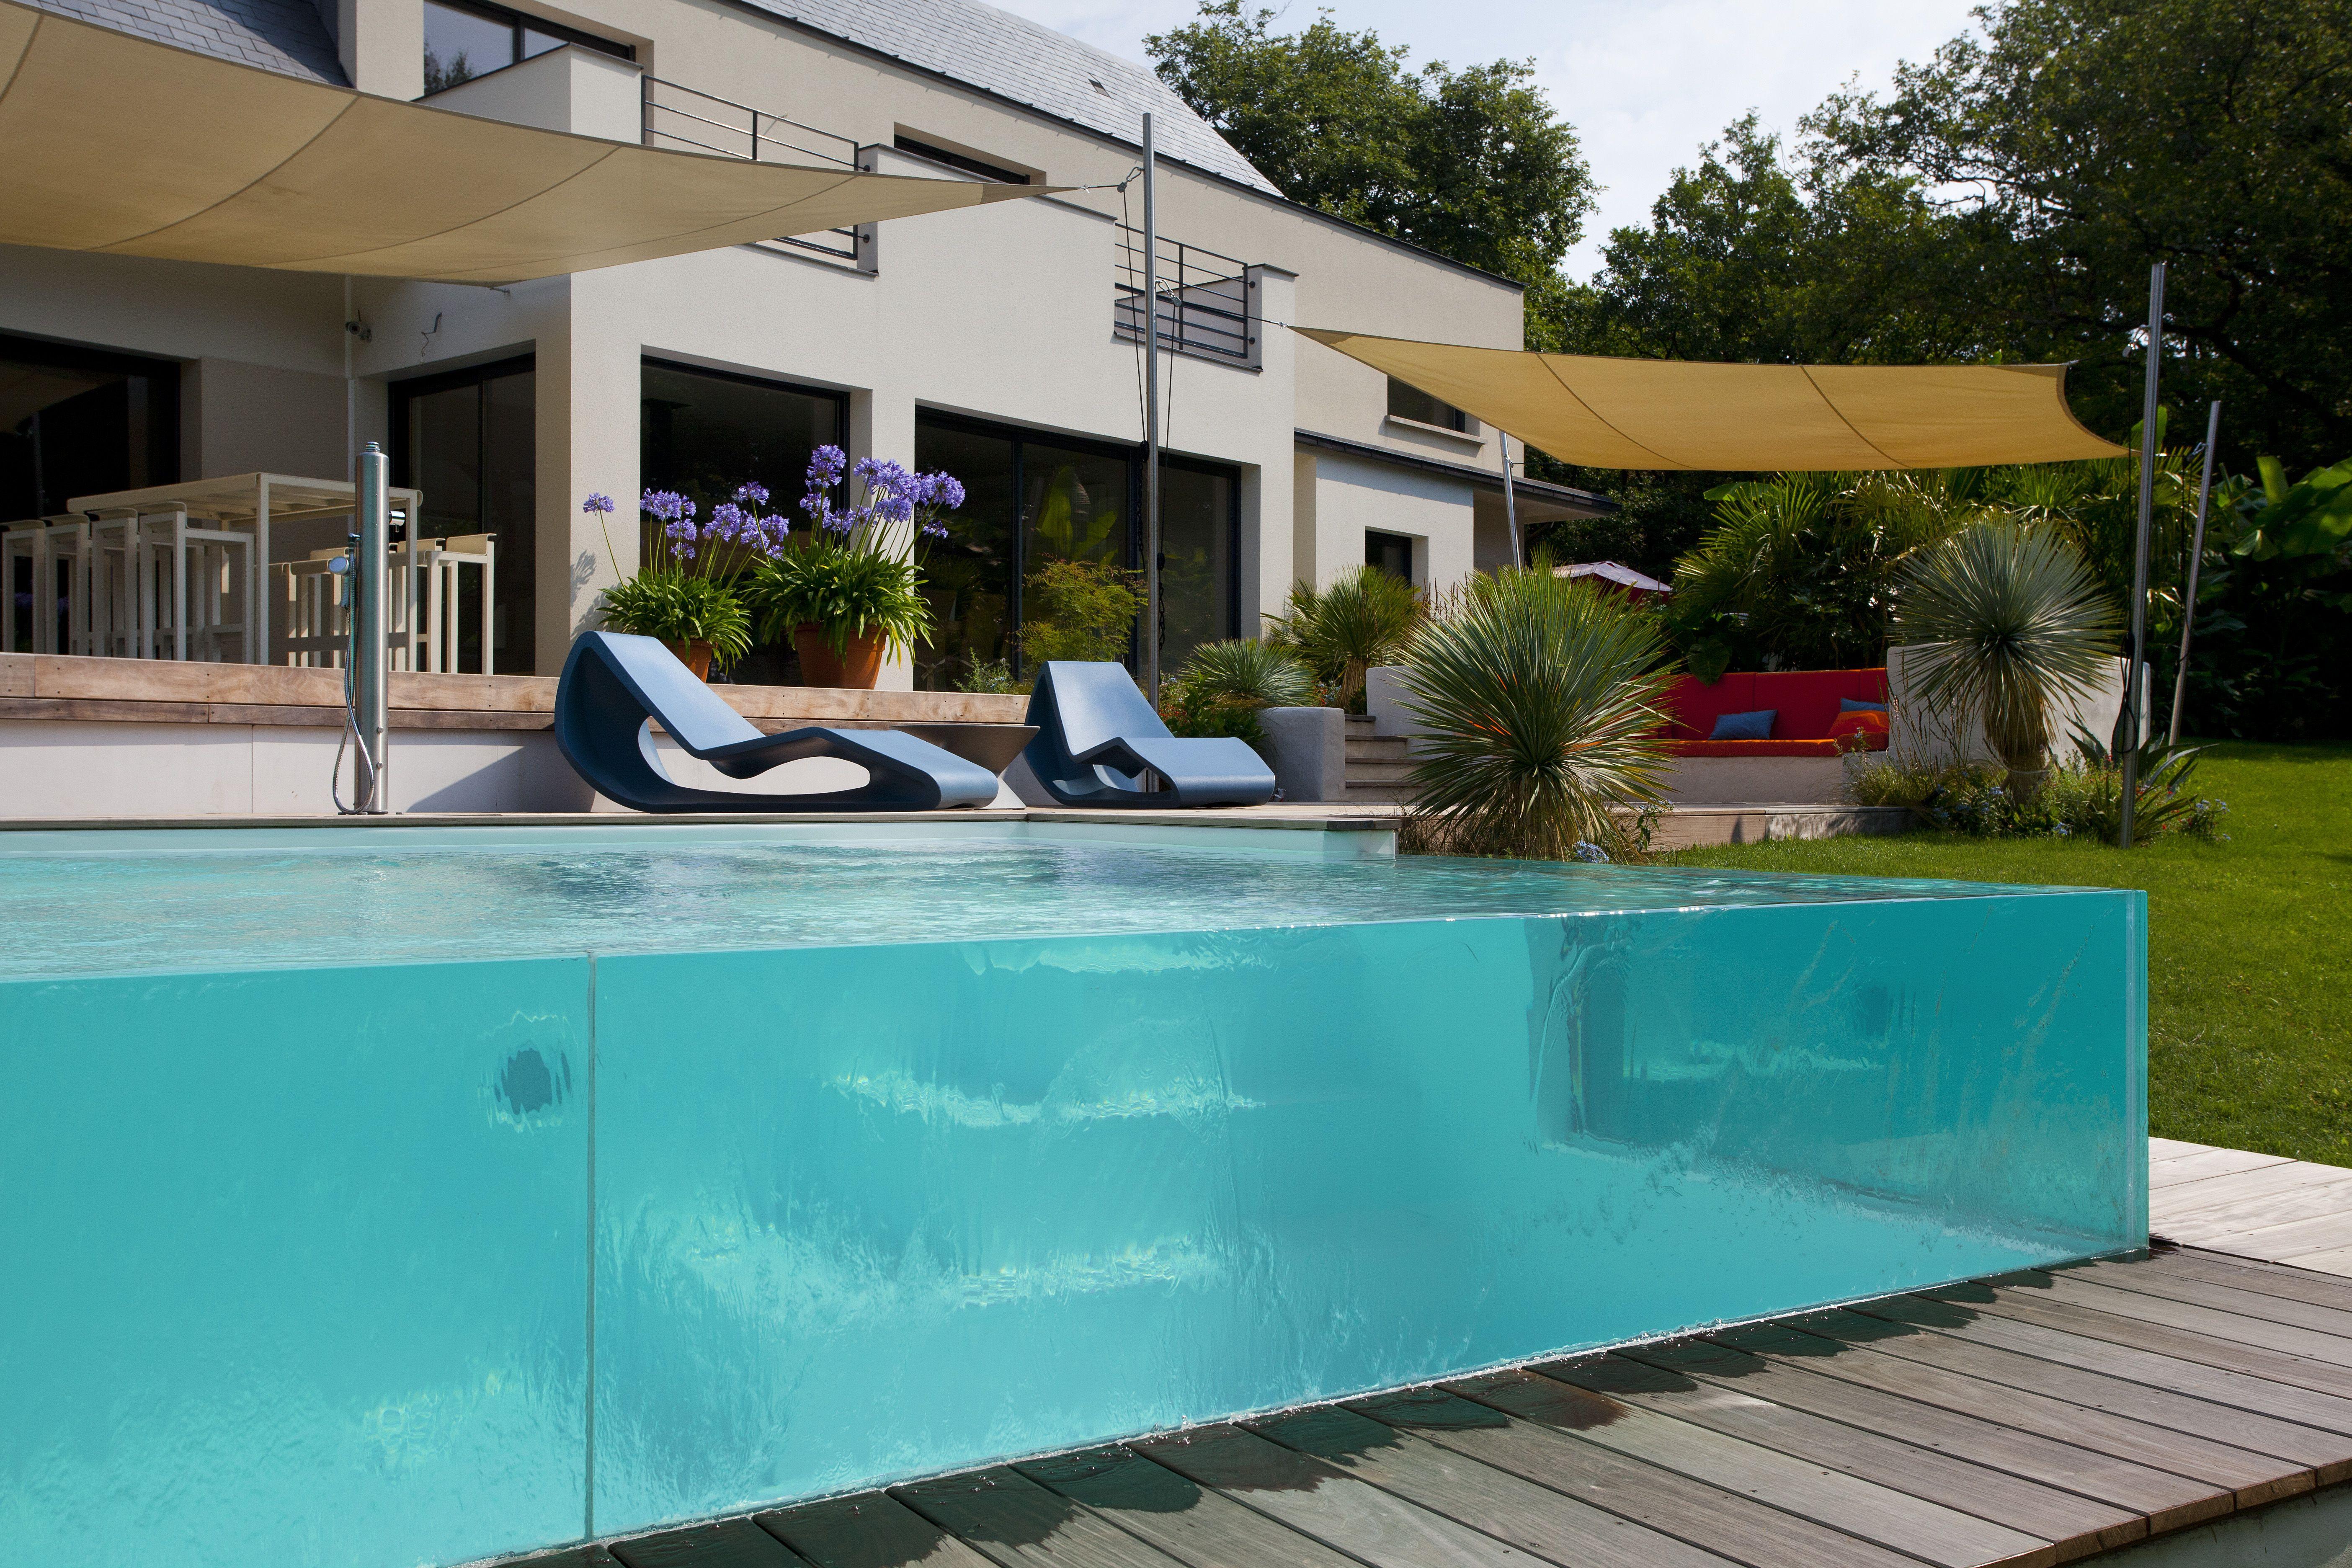 piscine paroi de verre piscine en d bordement et plage de piscine en verre piscine petite